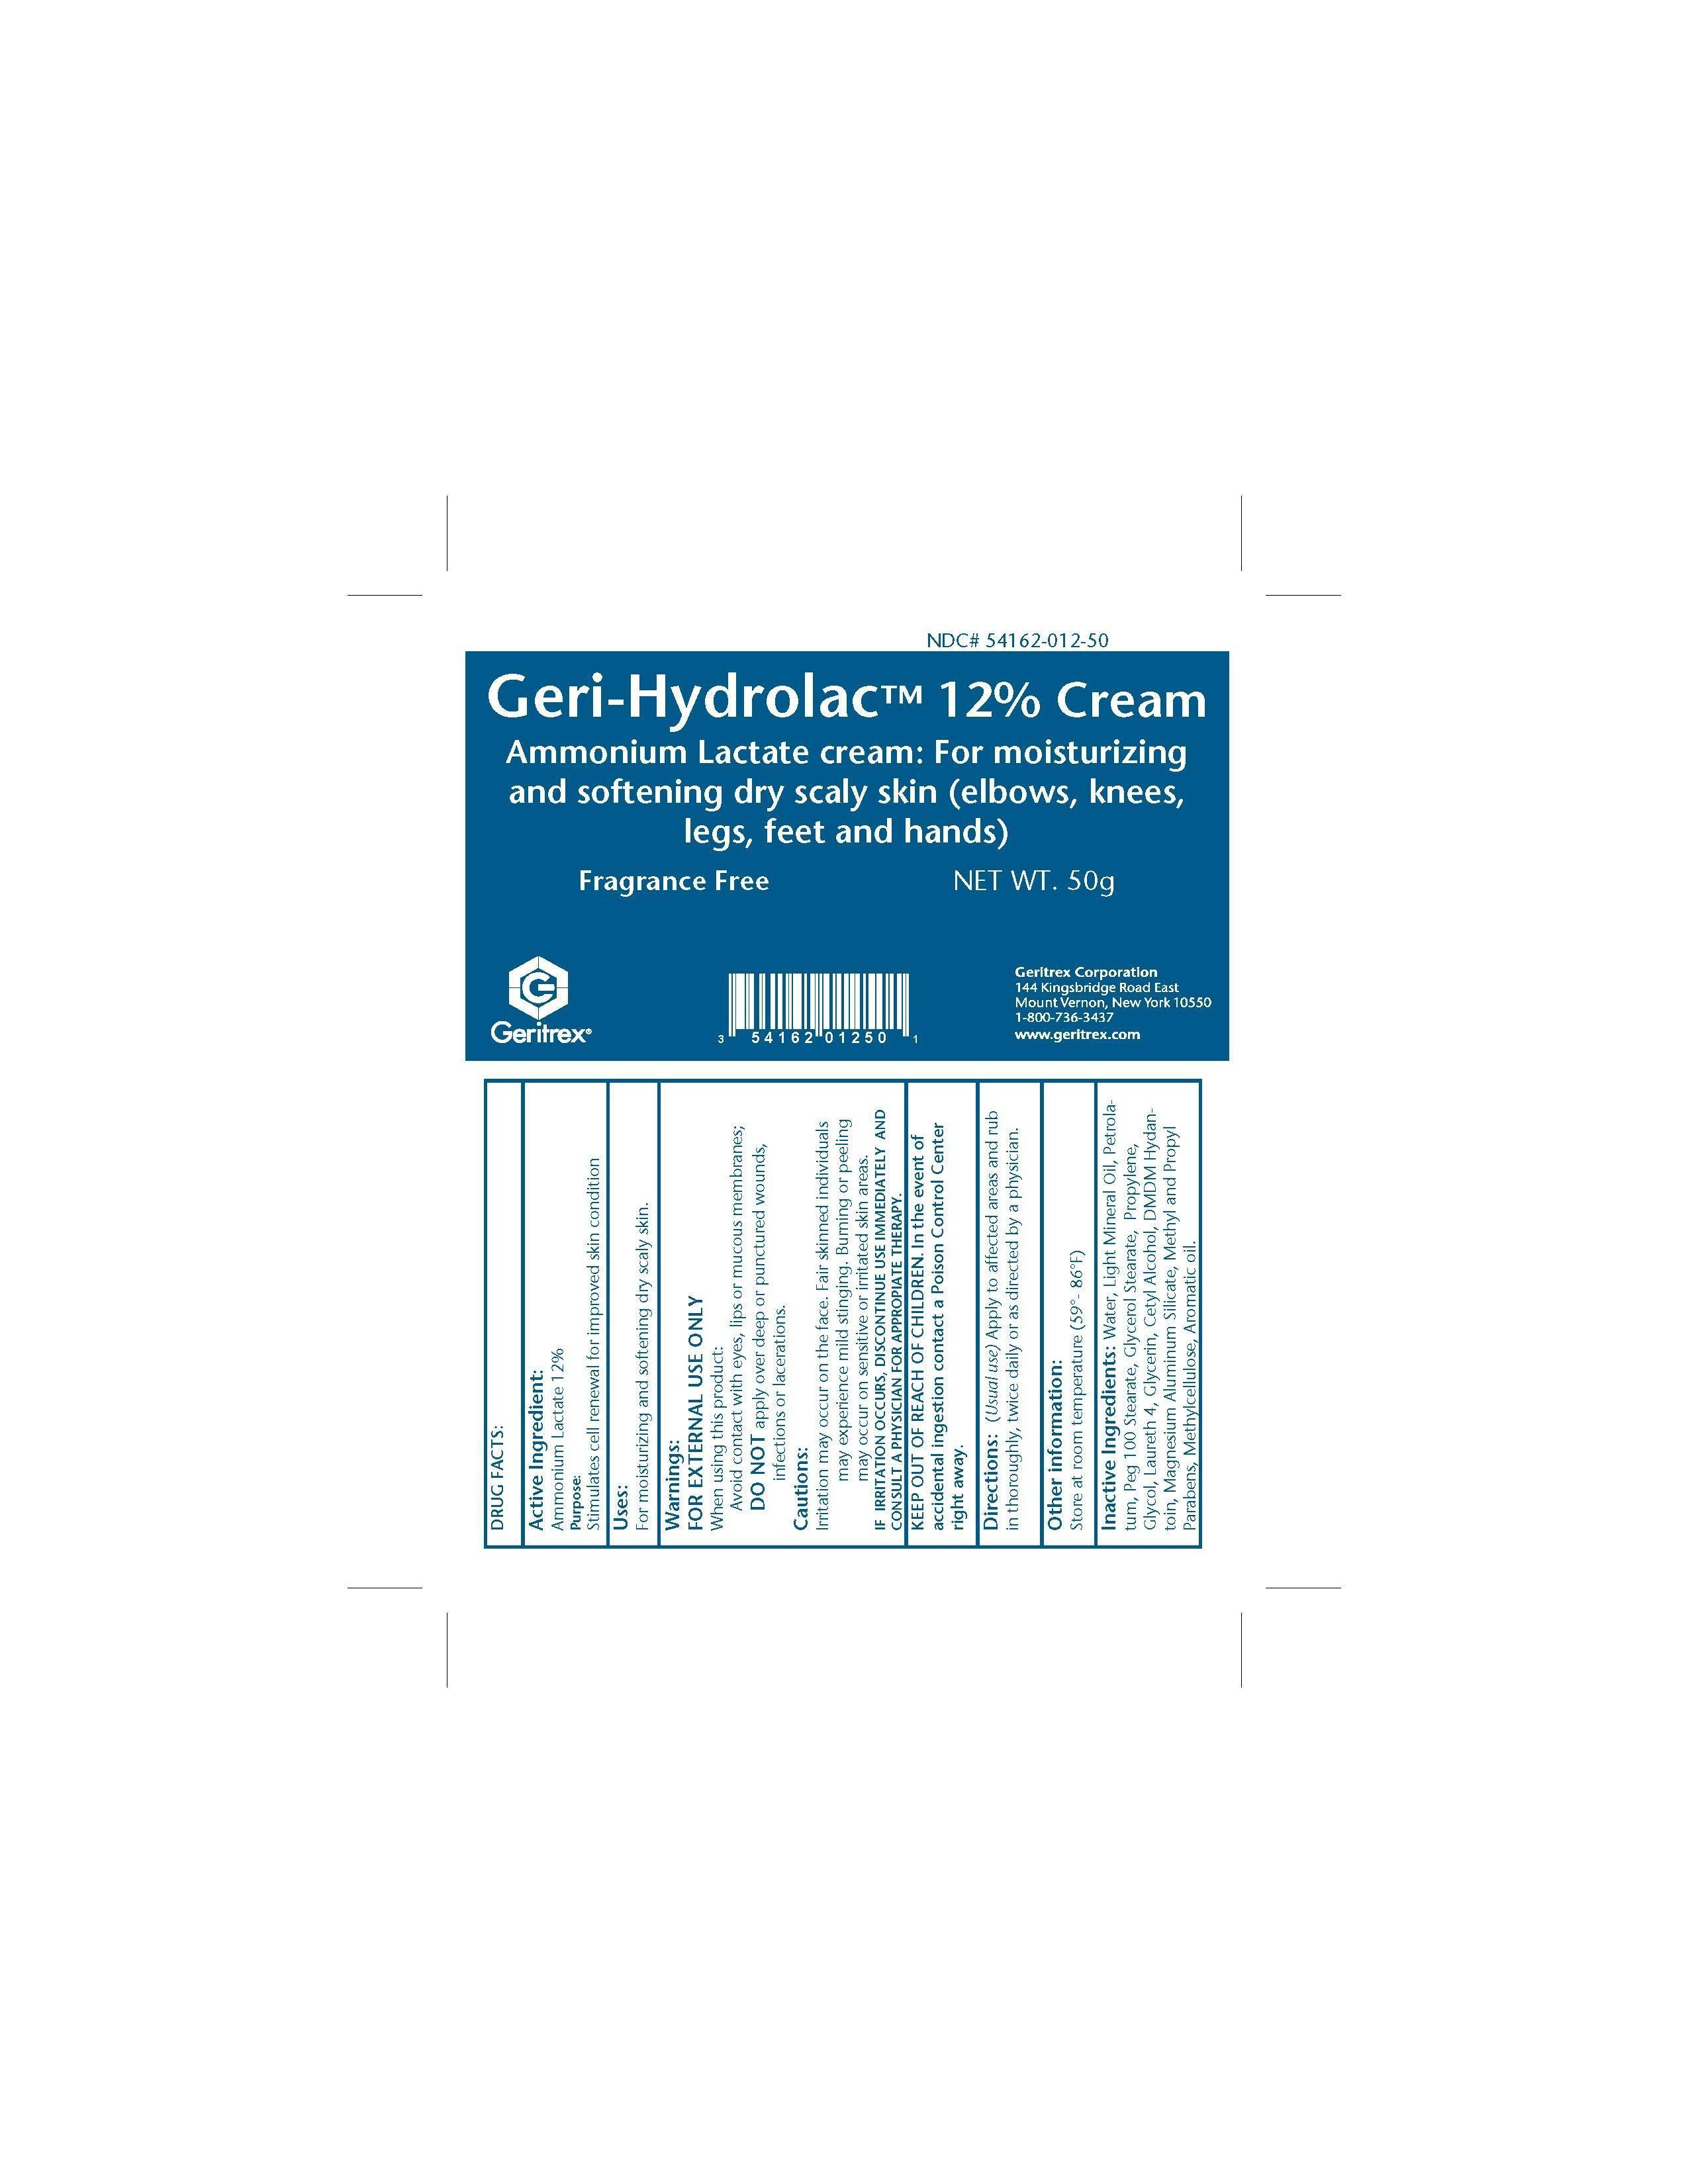 Geri-hydrolac (Ammonium Lactate) Cream [Geritrex Corp]